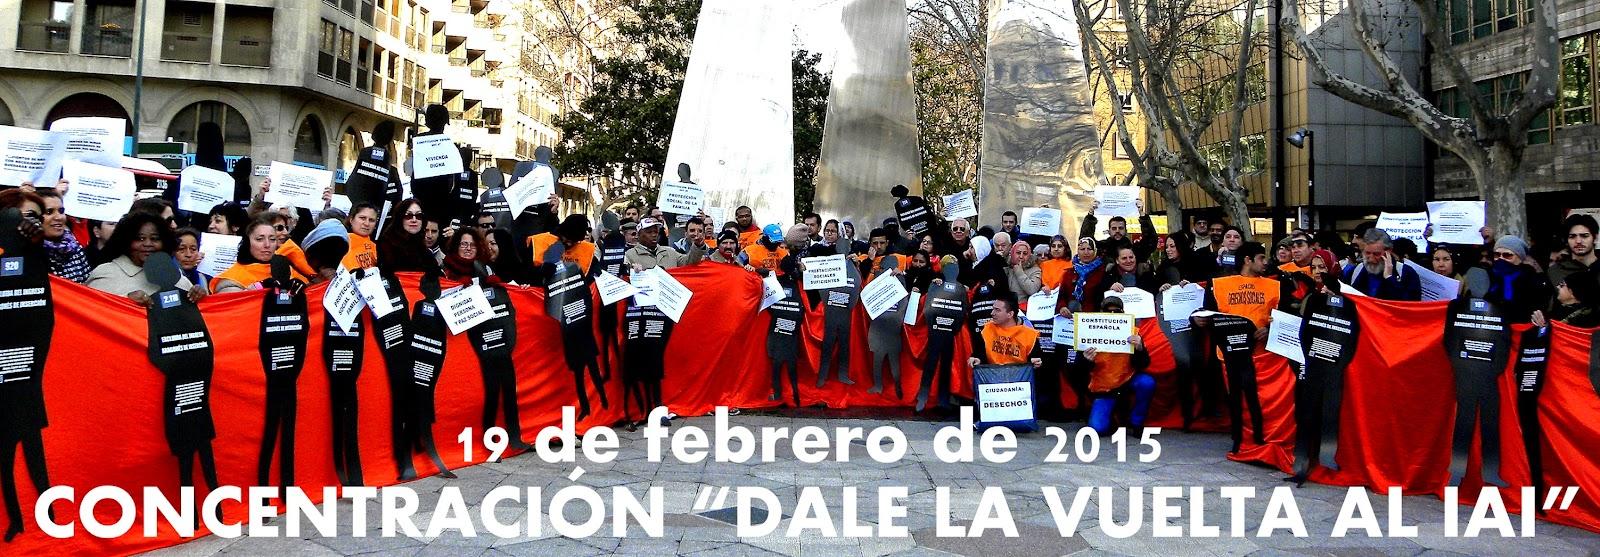 concentración proyecto de ley ingreso aragonés de inserción servicios sociales zaragoza